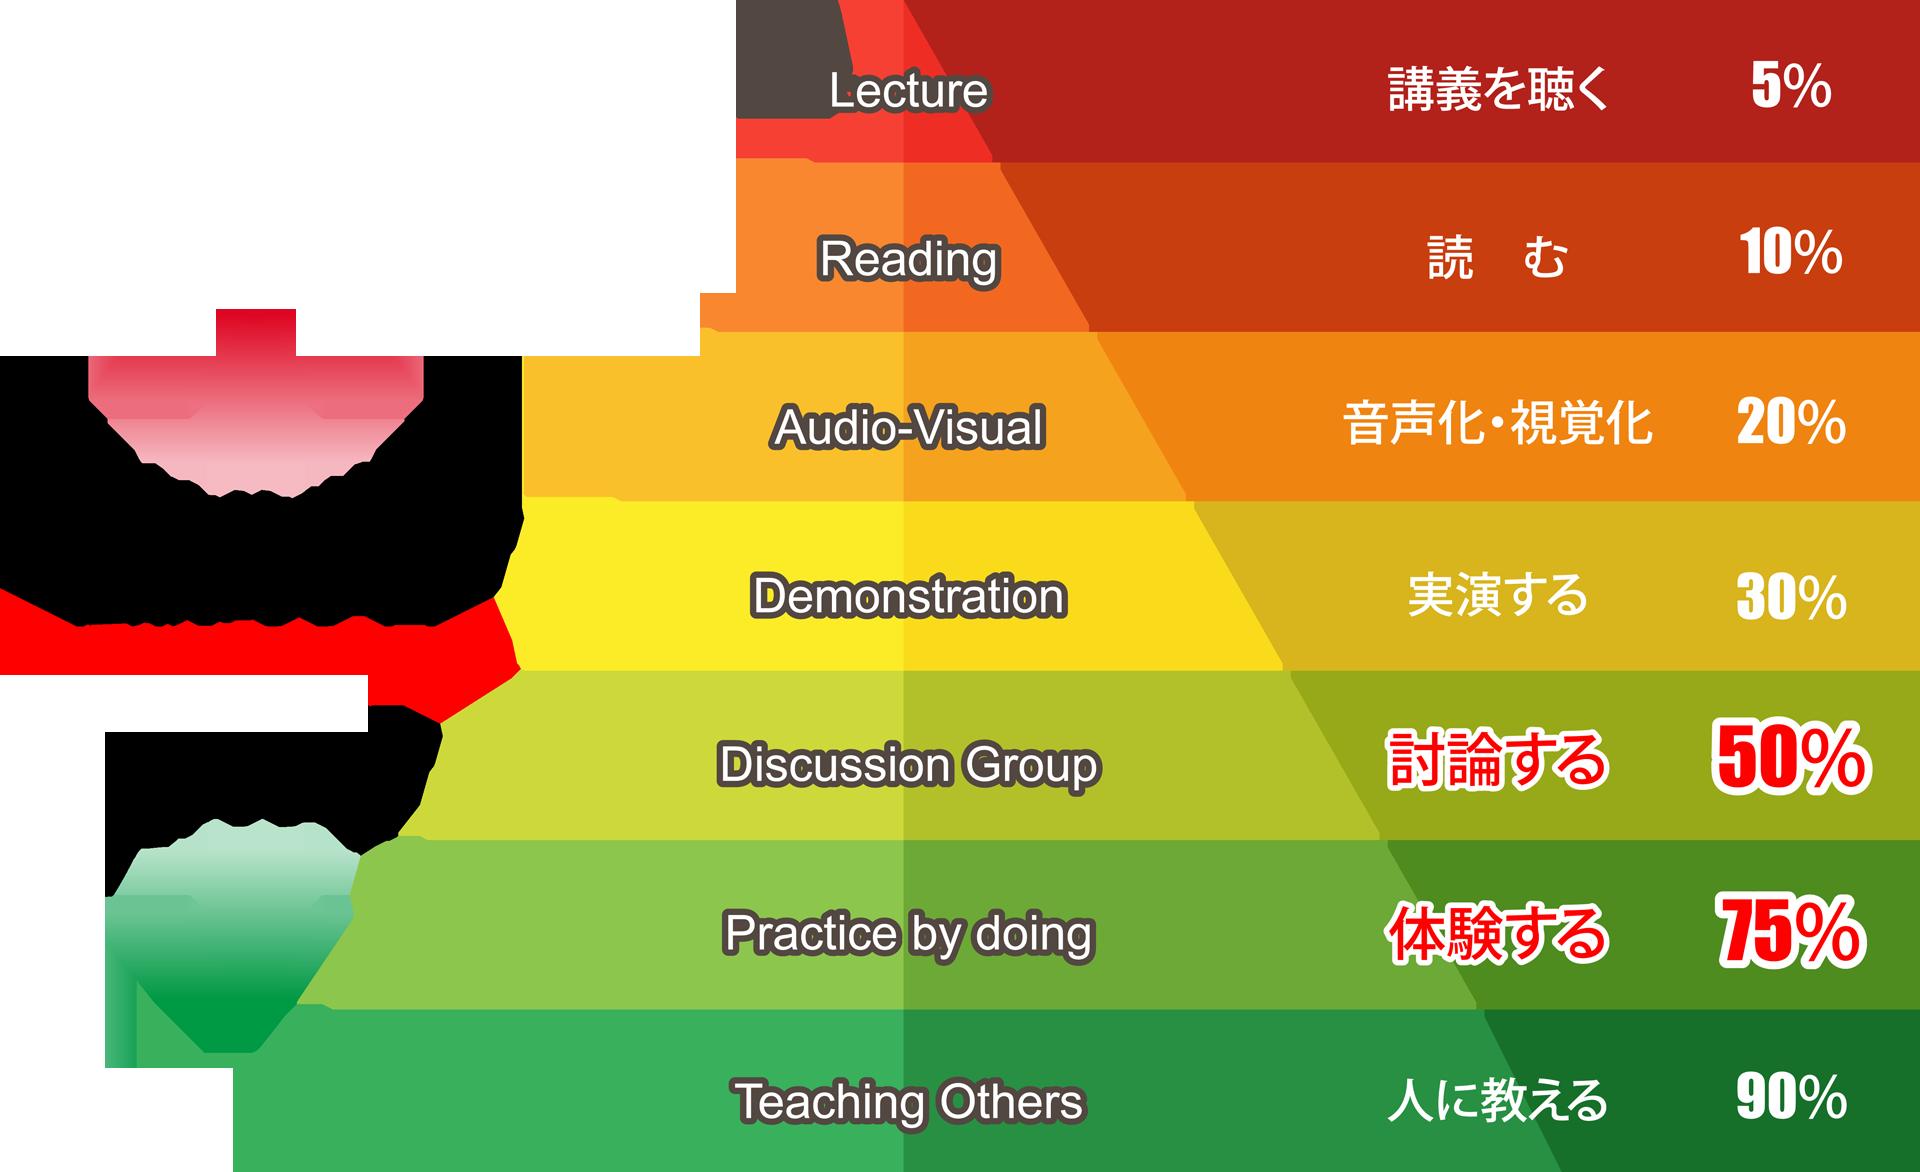 ニコクリエイトの戦略MQ会計 経営シュミレーション研修(MG研修)の学習定着率